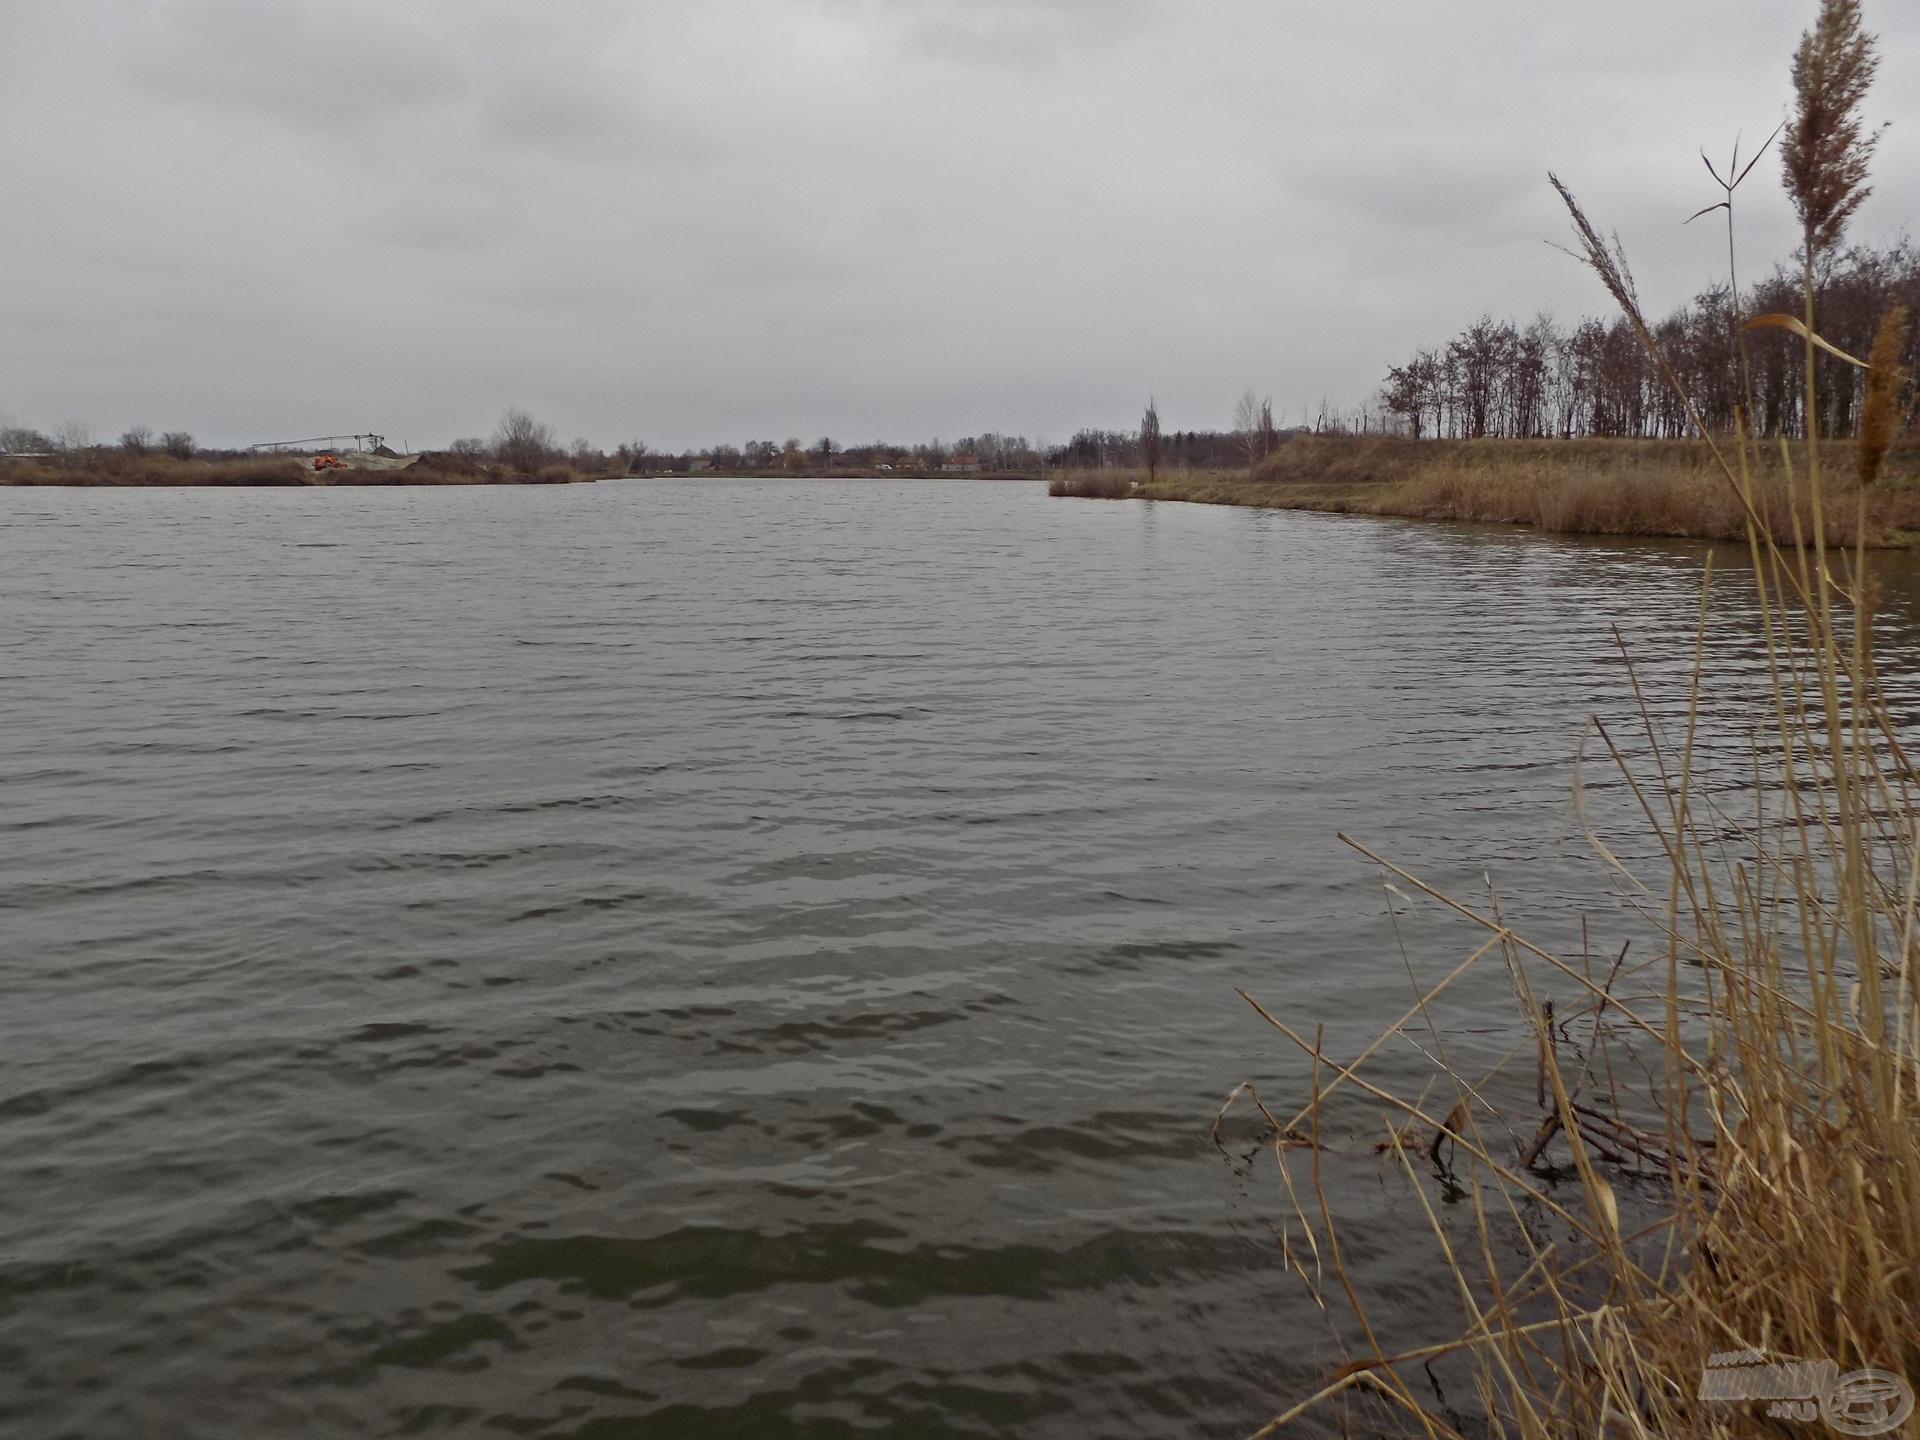 """A szürke időjárás állandóvá vált a horgászat hátralévő részére. A tó úgynevezett """"hátsó része"""" rendelkezik a legkomolyabb, helyenként akár 20 méteres mélységekkel"""